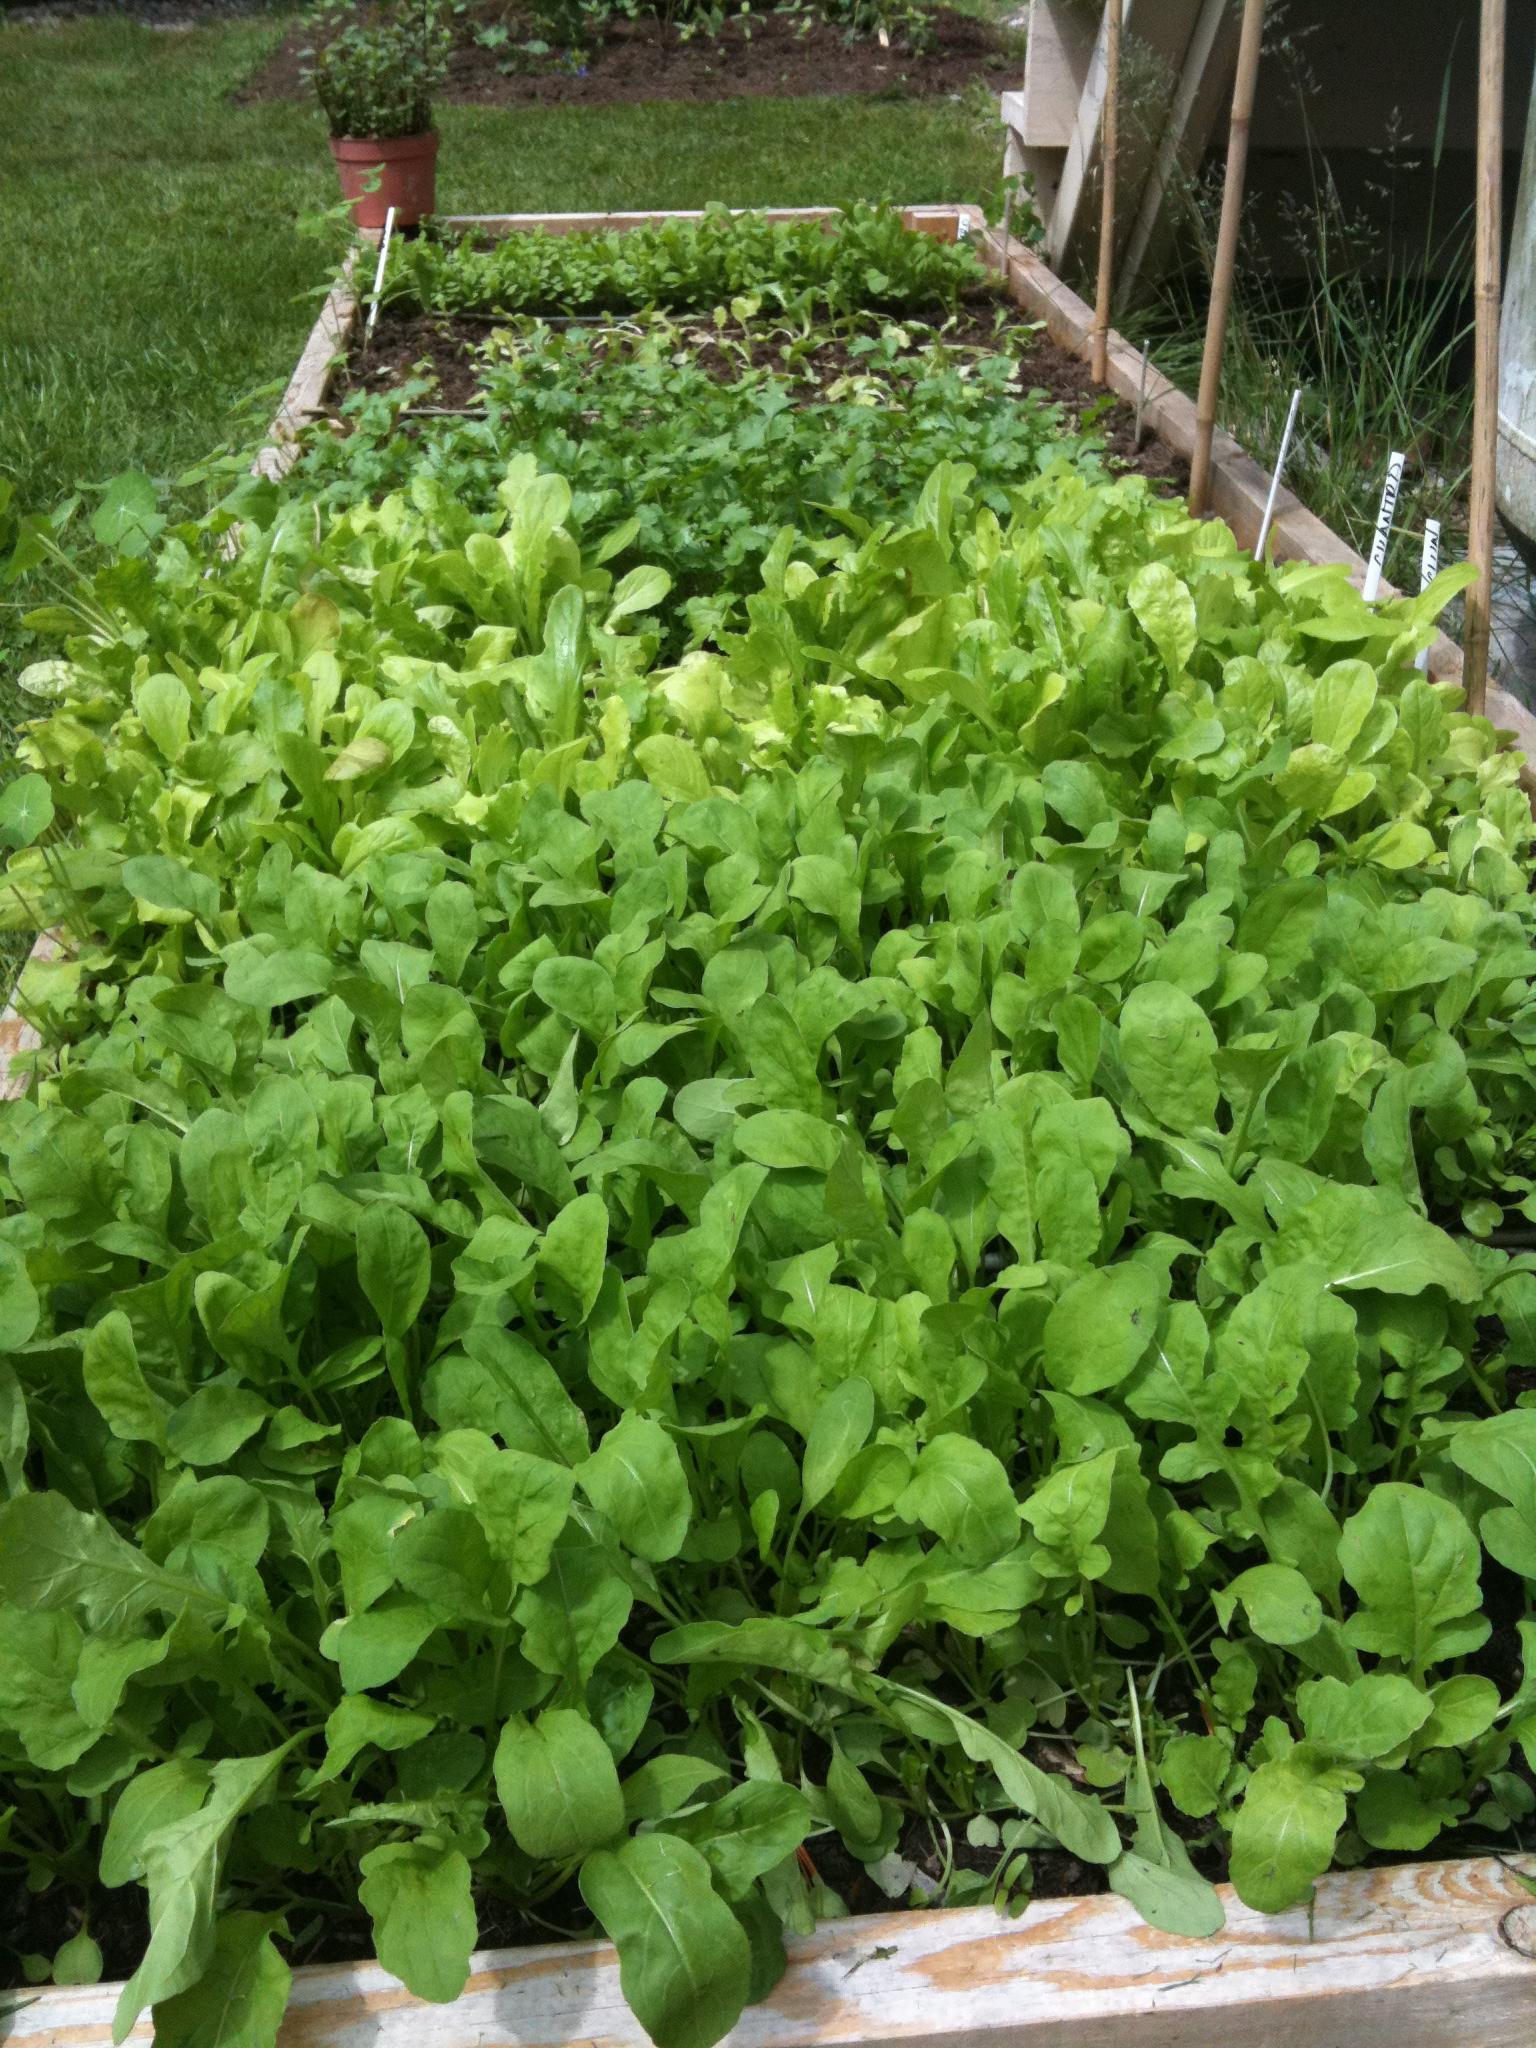 Just 3 weeks seed to harvest